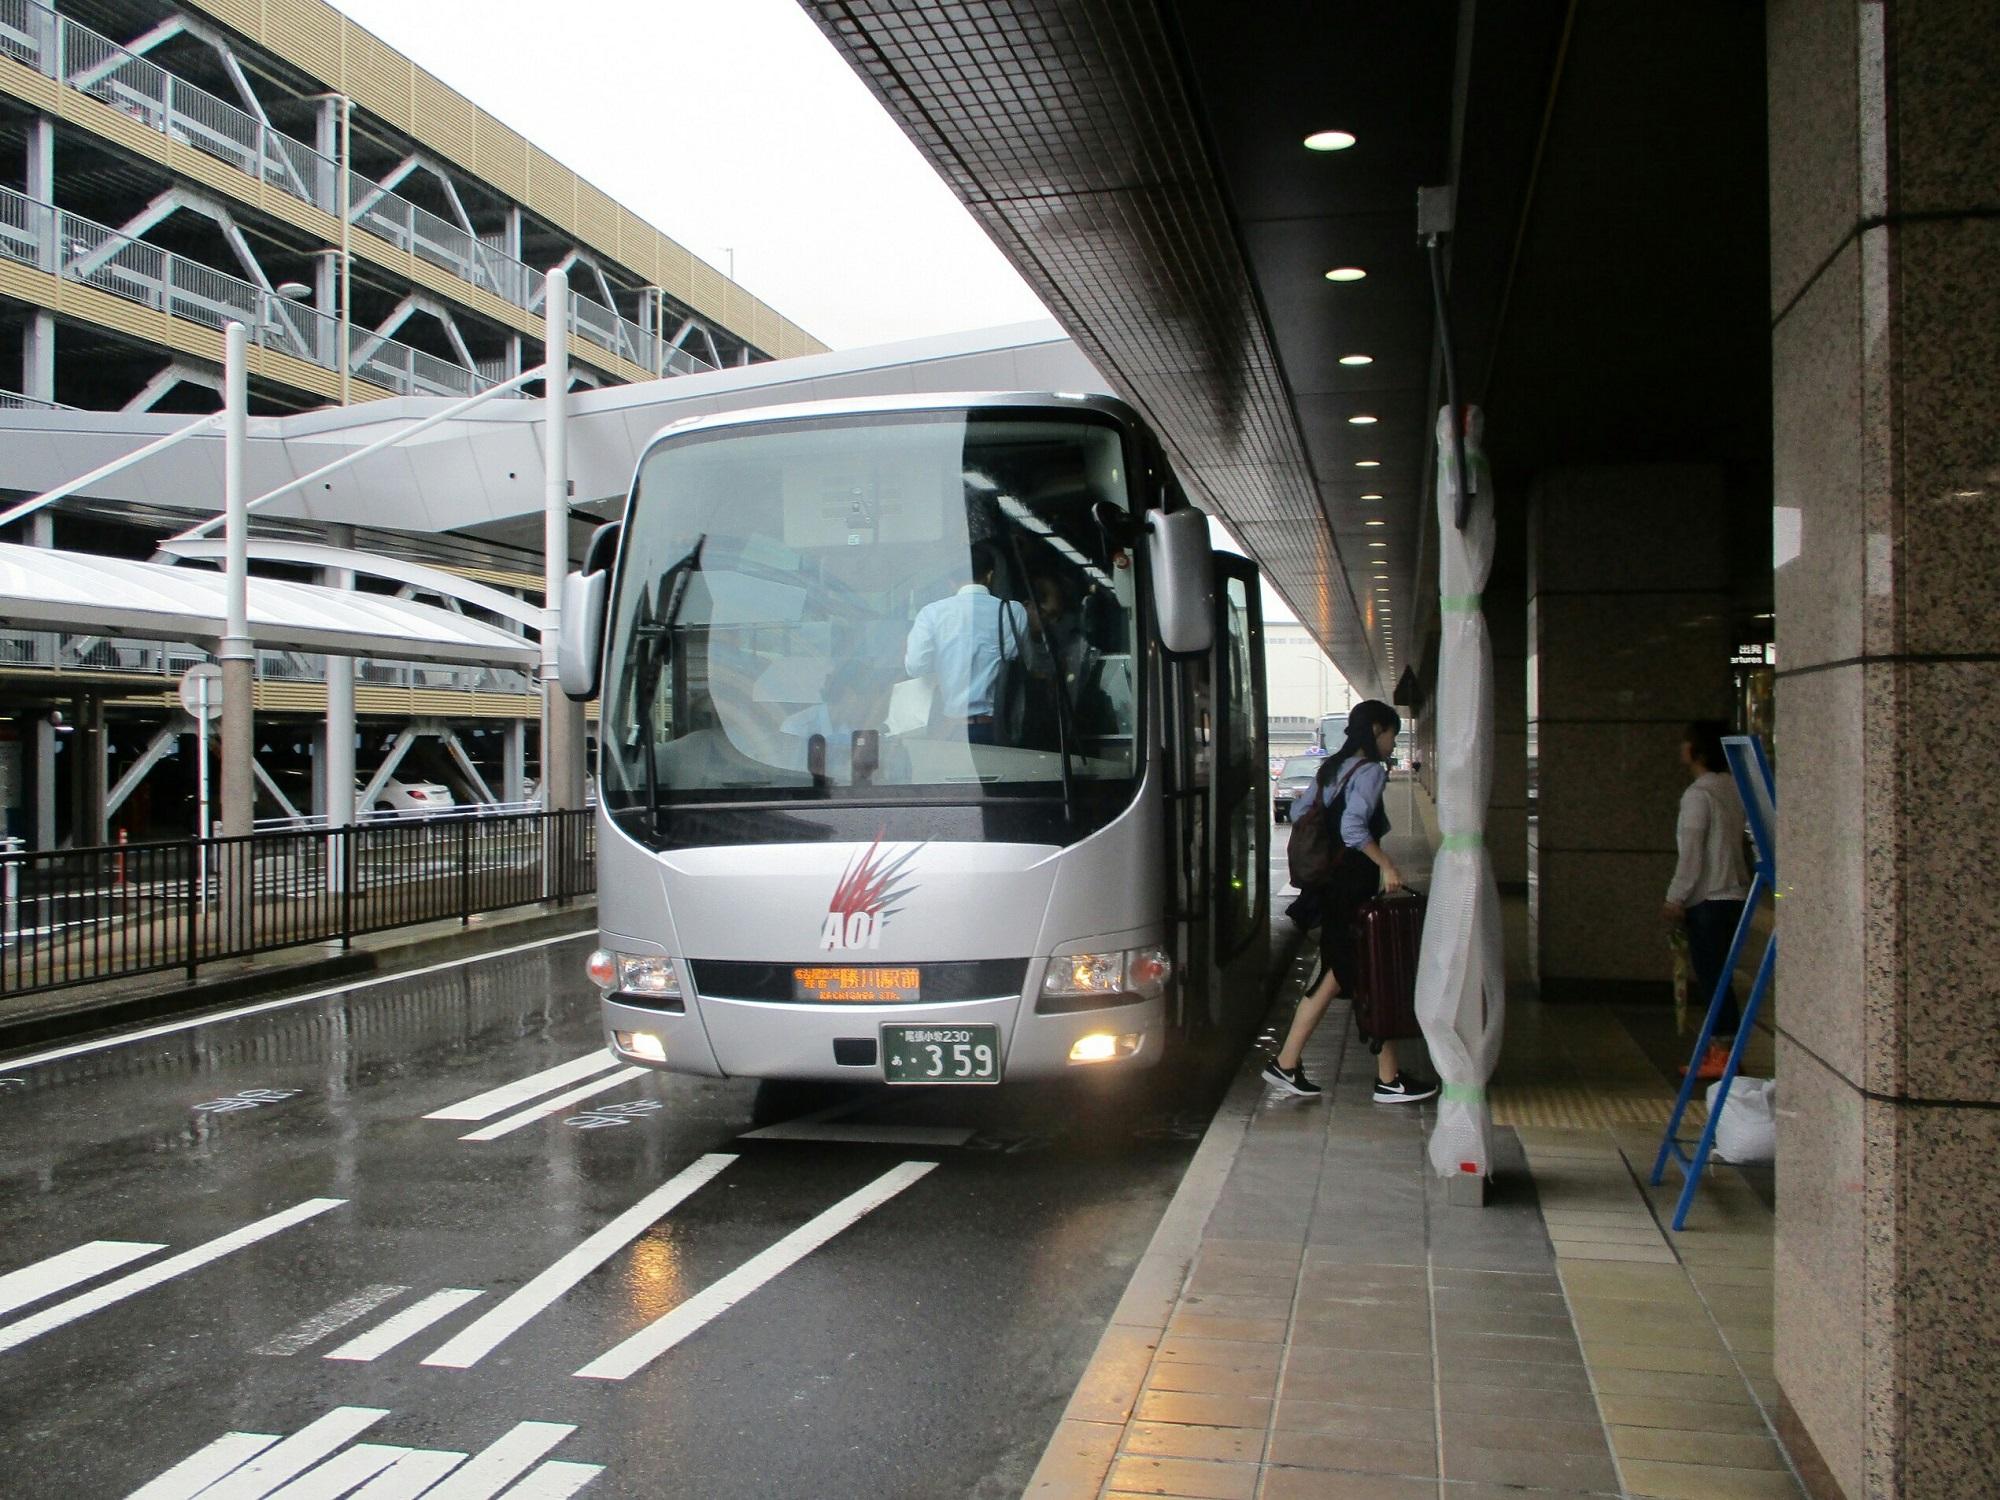 2018.7.6 (4) 名古屋空港 - あおい交通バス 2000-1500